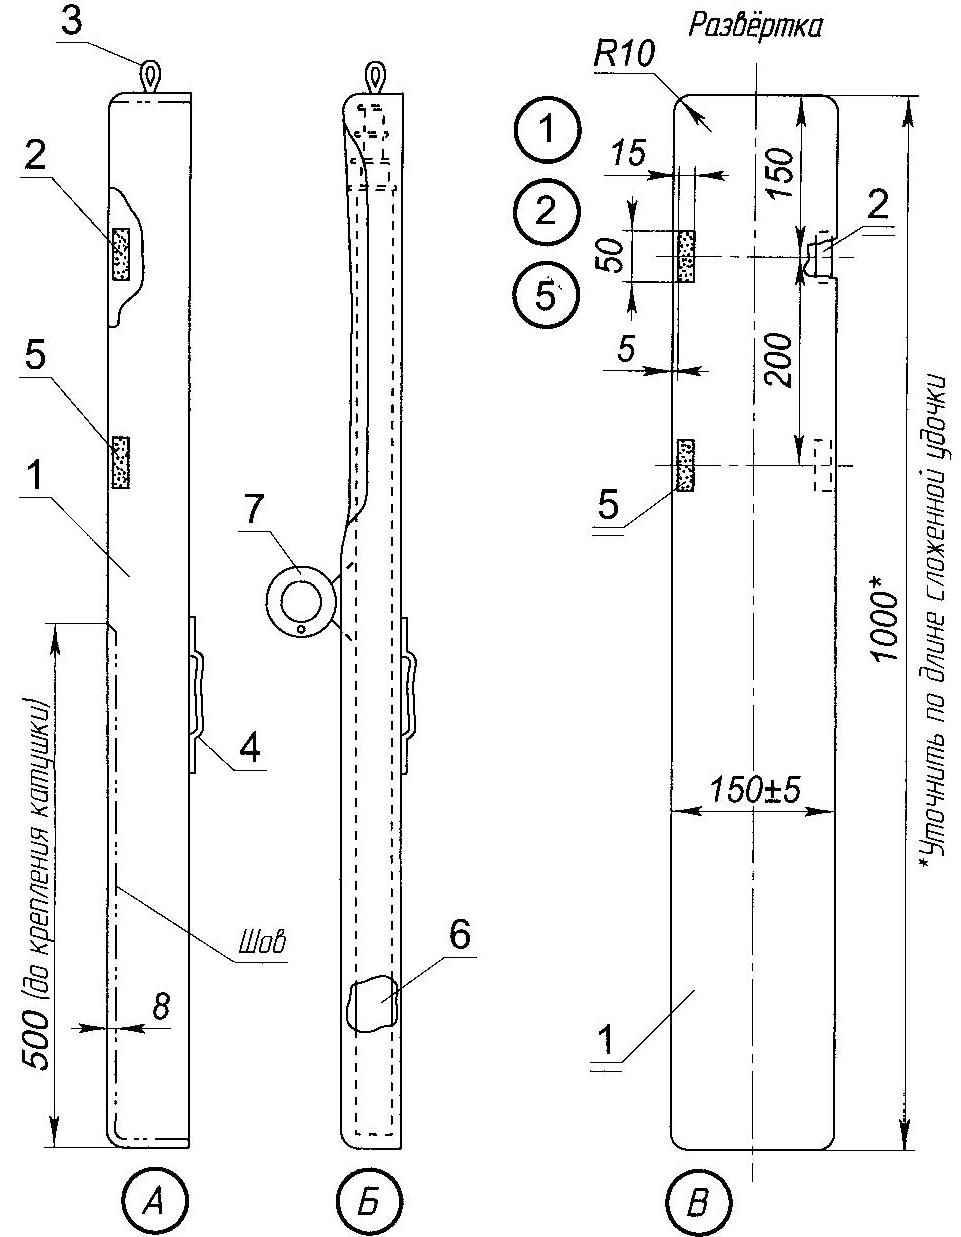 Чехол для удочки с телескопическим или складным удилищем